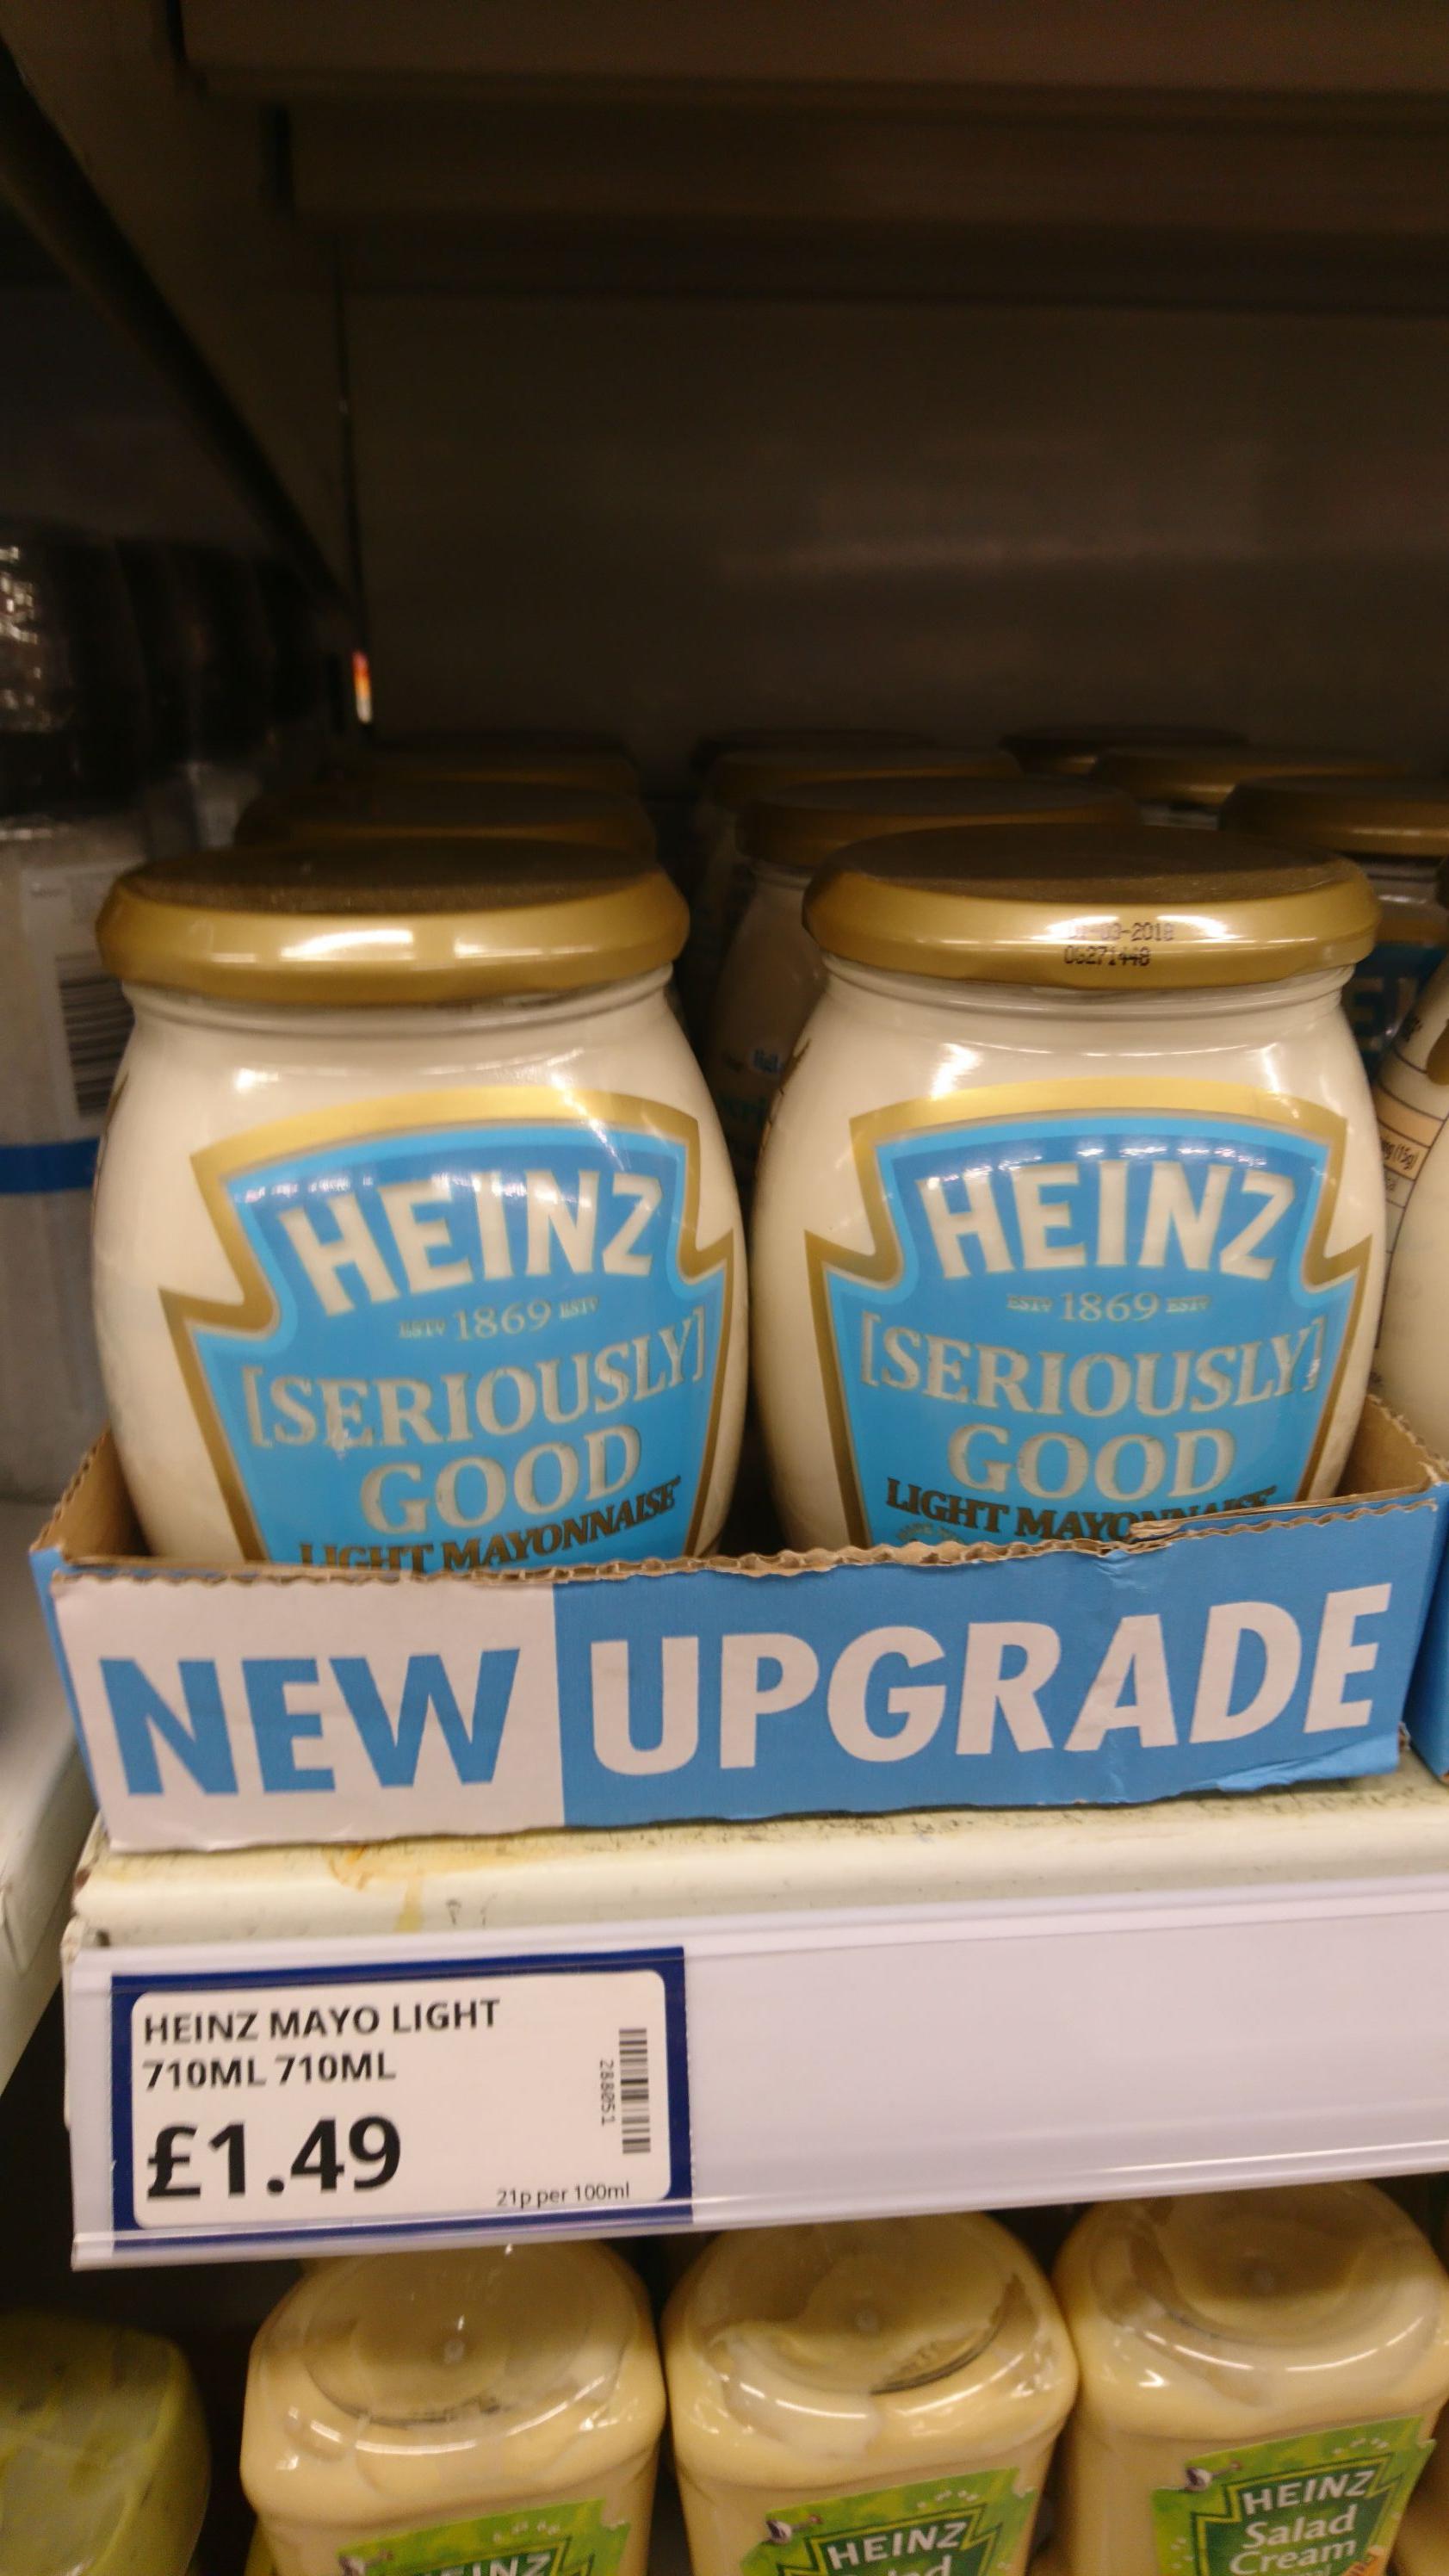 Heinz seriously good mayo 710ml £1.49 @ Poundstretcher